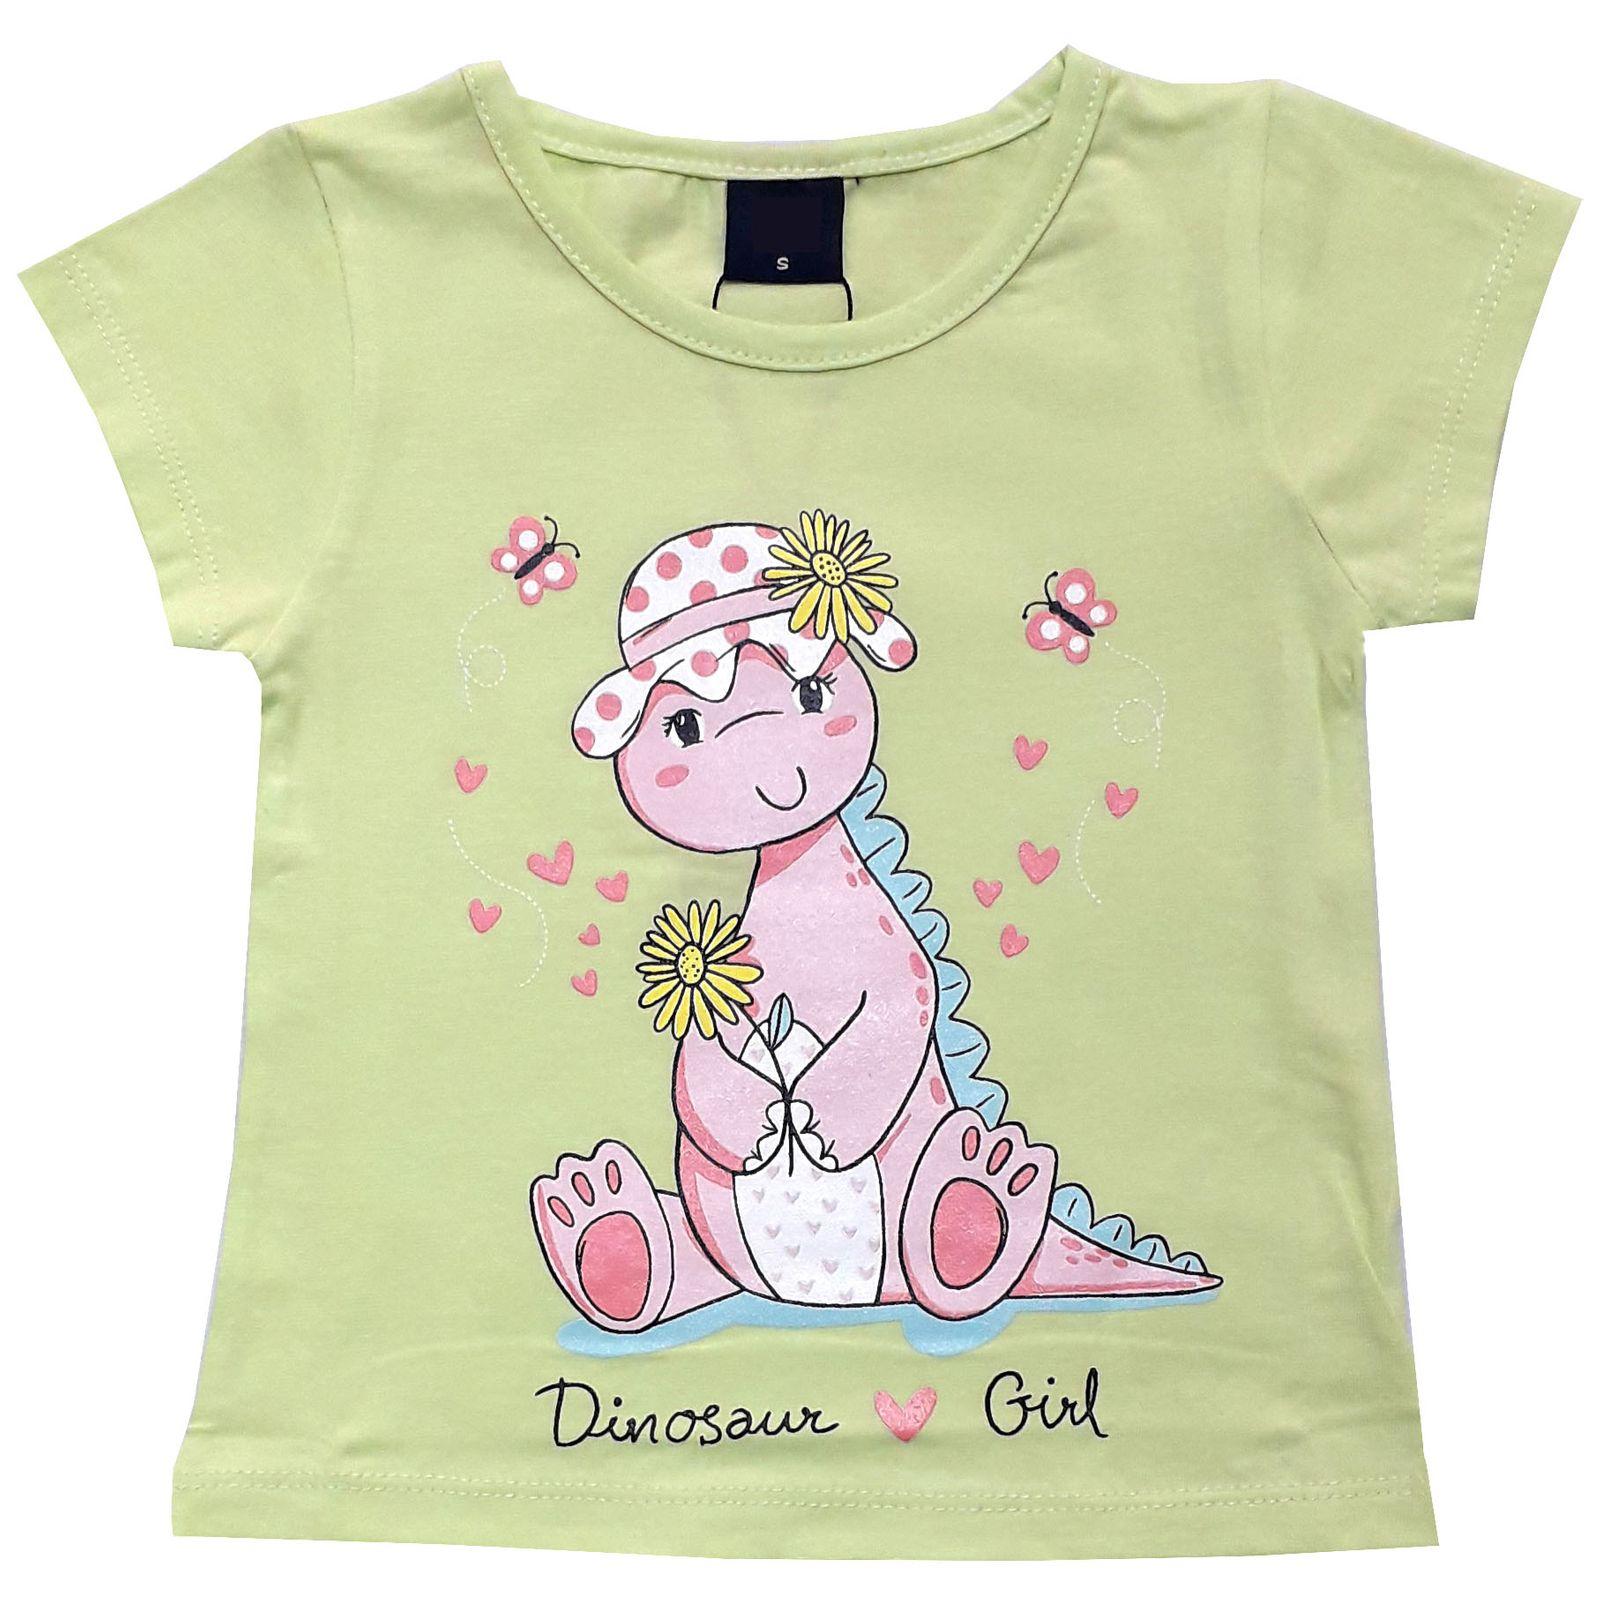 ست تی شرت و شلوارک دخترانه کد 7787912 -  - 6